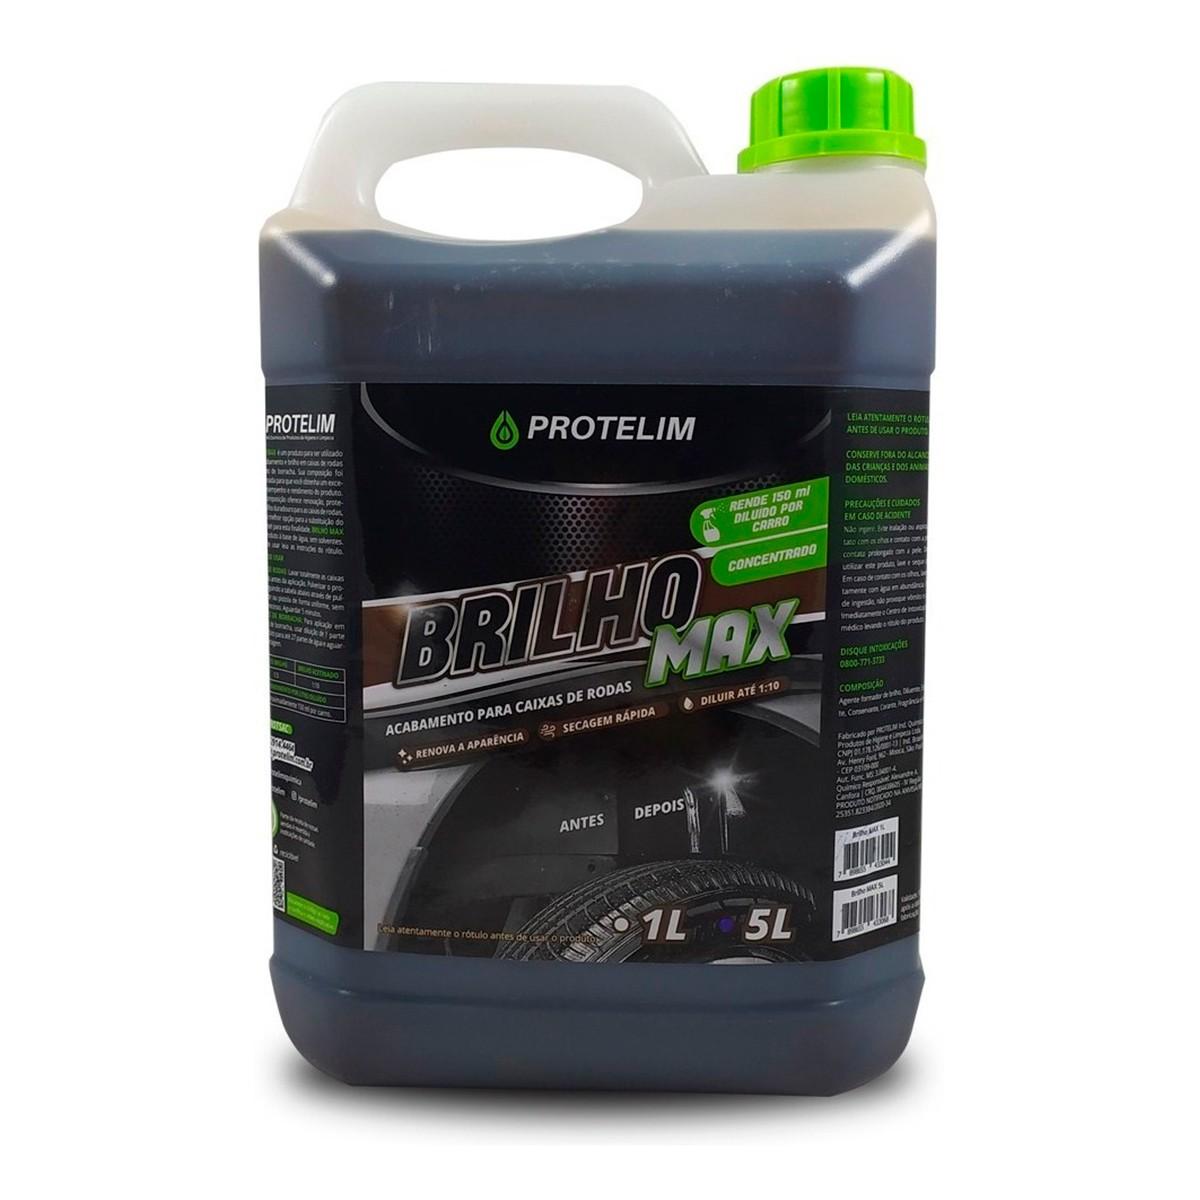 Brilho Max 5L - Protelim